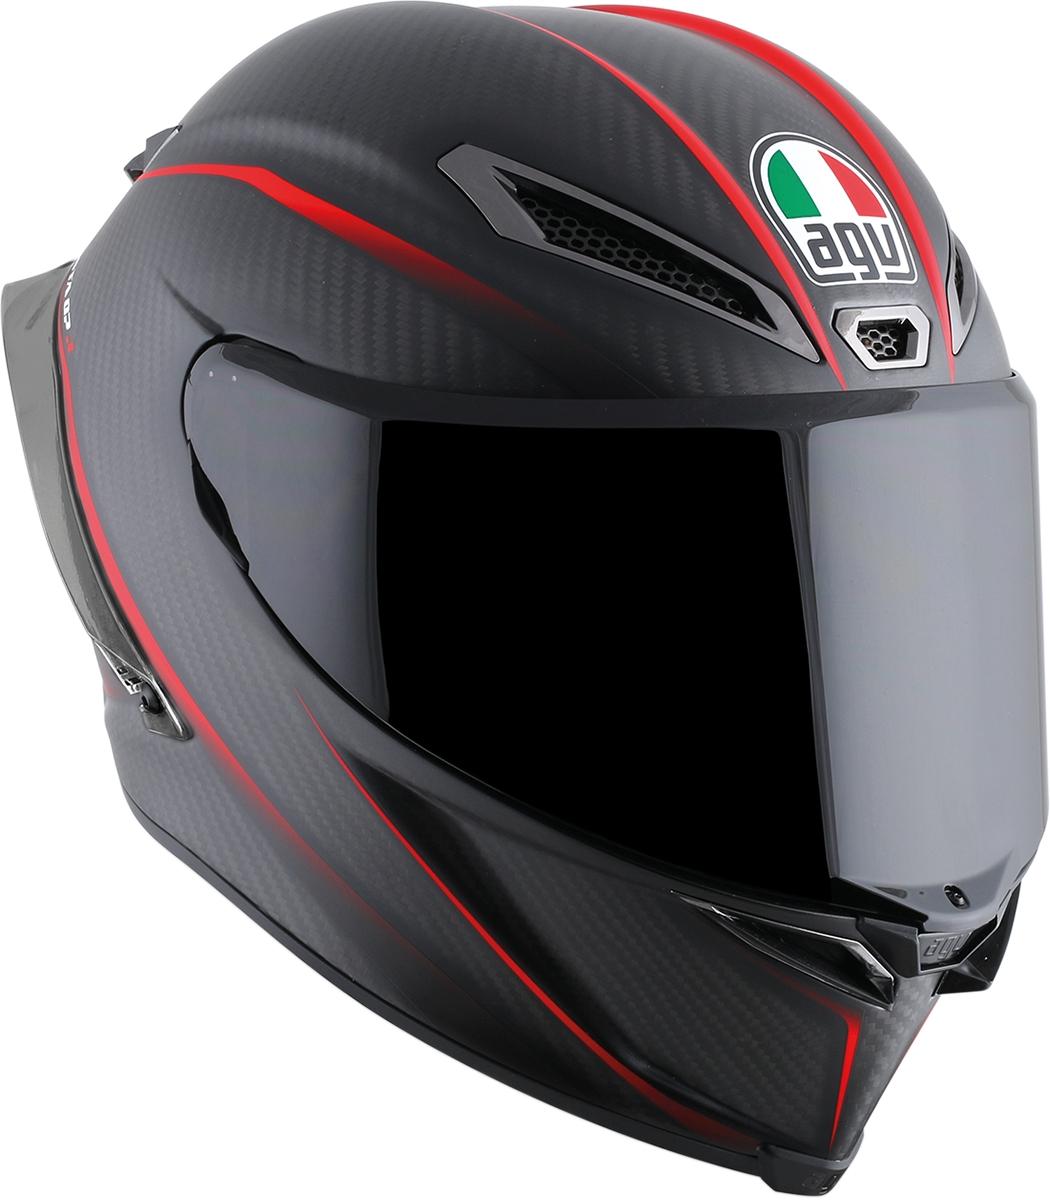 Pista GP-10 IT Helmet